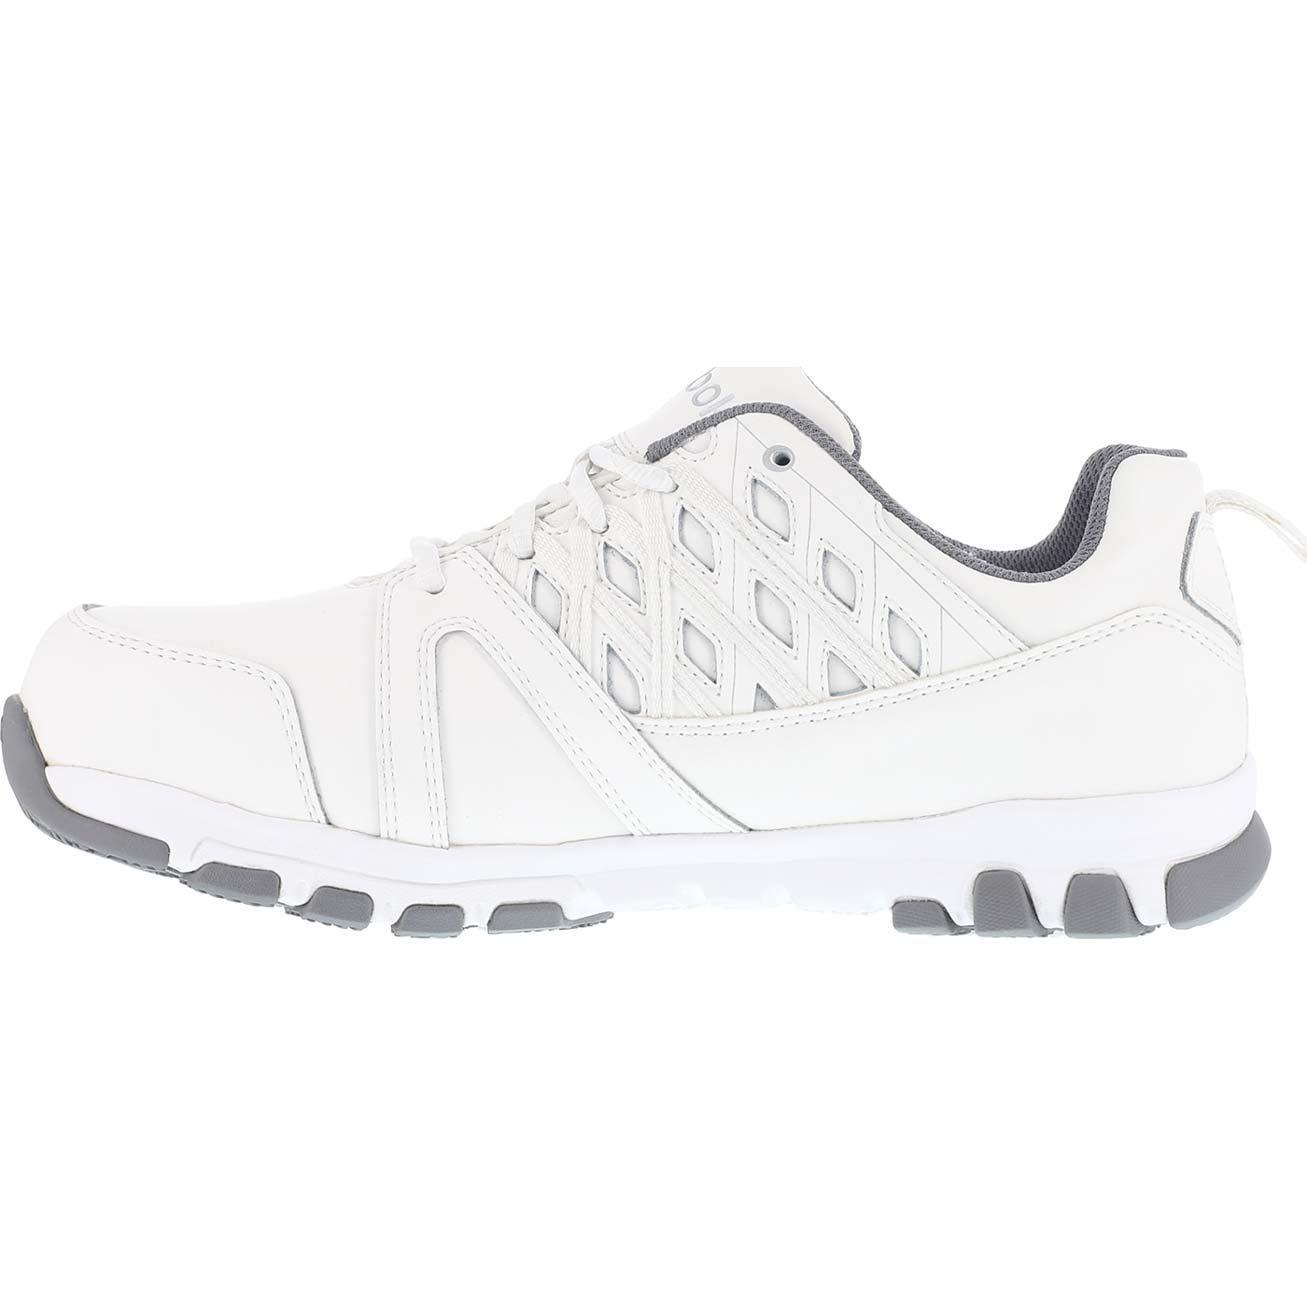 cb547244154b69 ... ShoeReebok Sublite Work Women s Steel Toe Static-Dissipative Work  Athletic Shoe